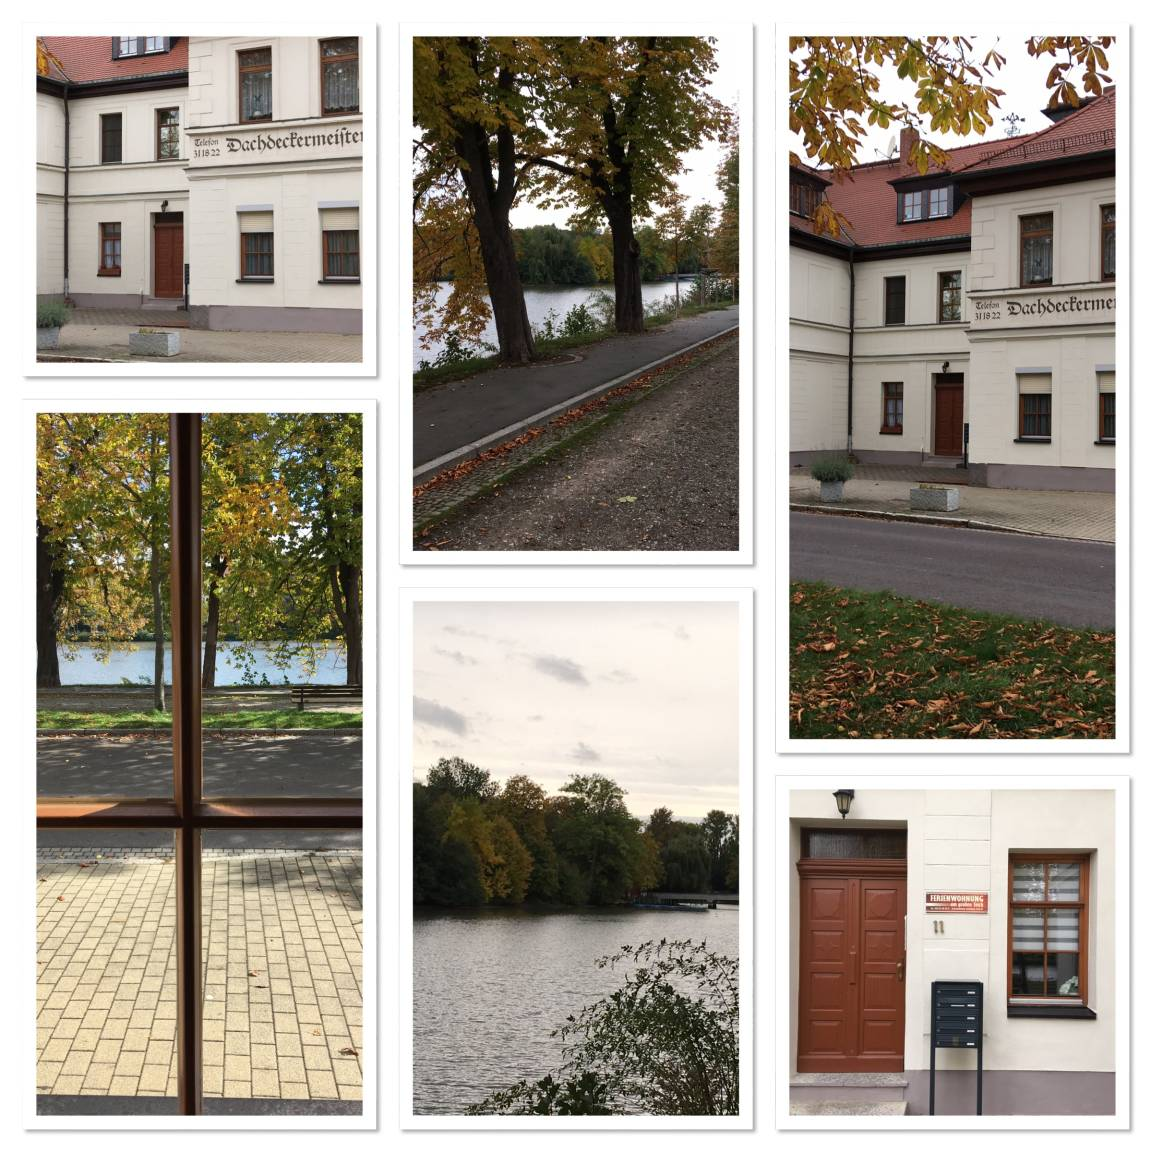 Altenburg: Ferienwohnung Altenburg am großen Teich